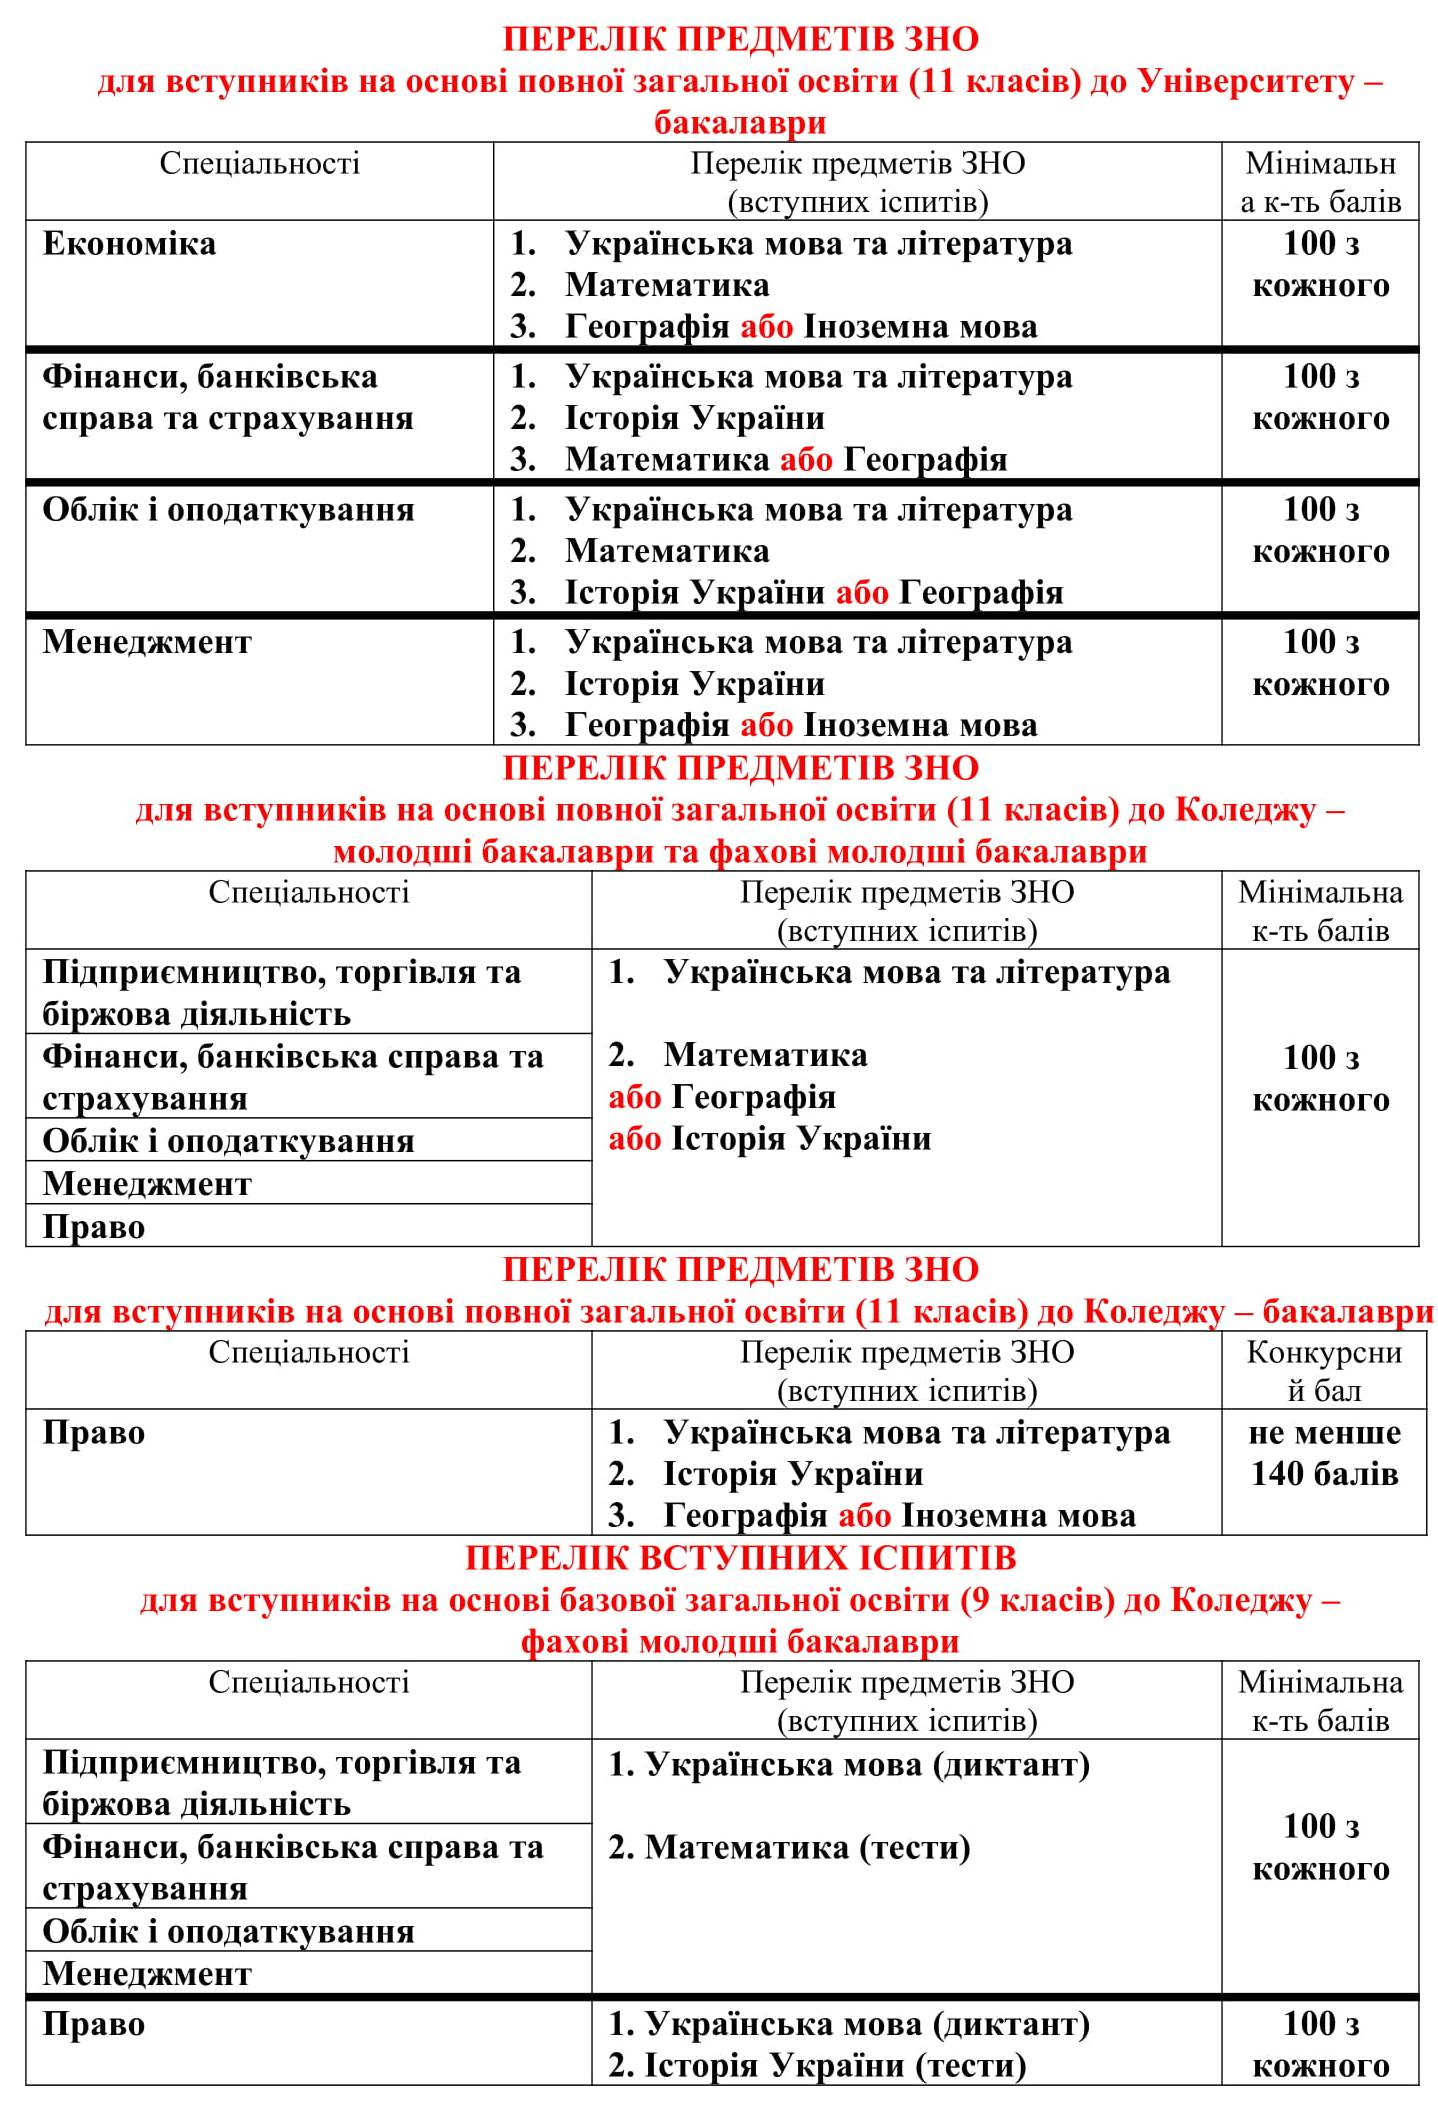 perelik_predmetiv_zno-1.jpg (360.55 Kb)